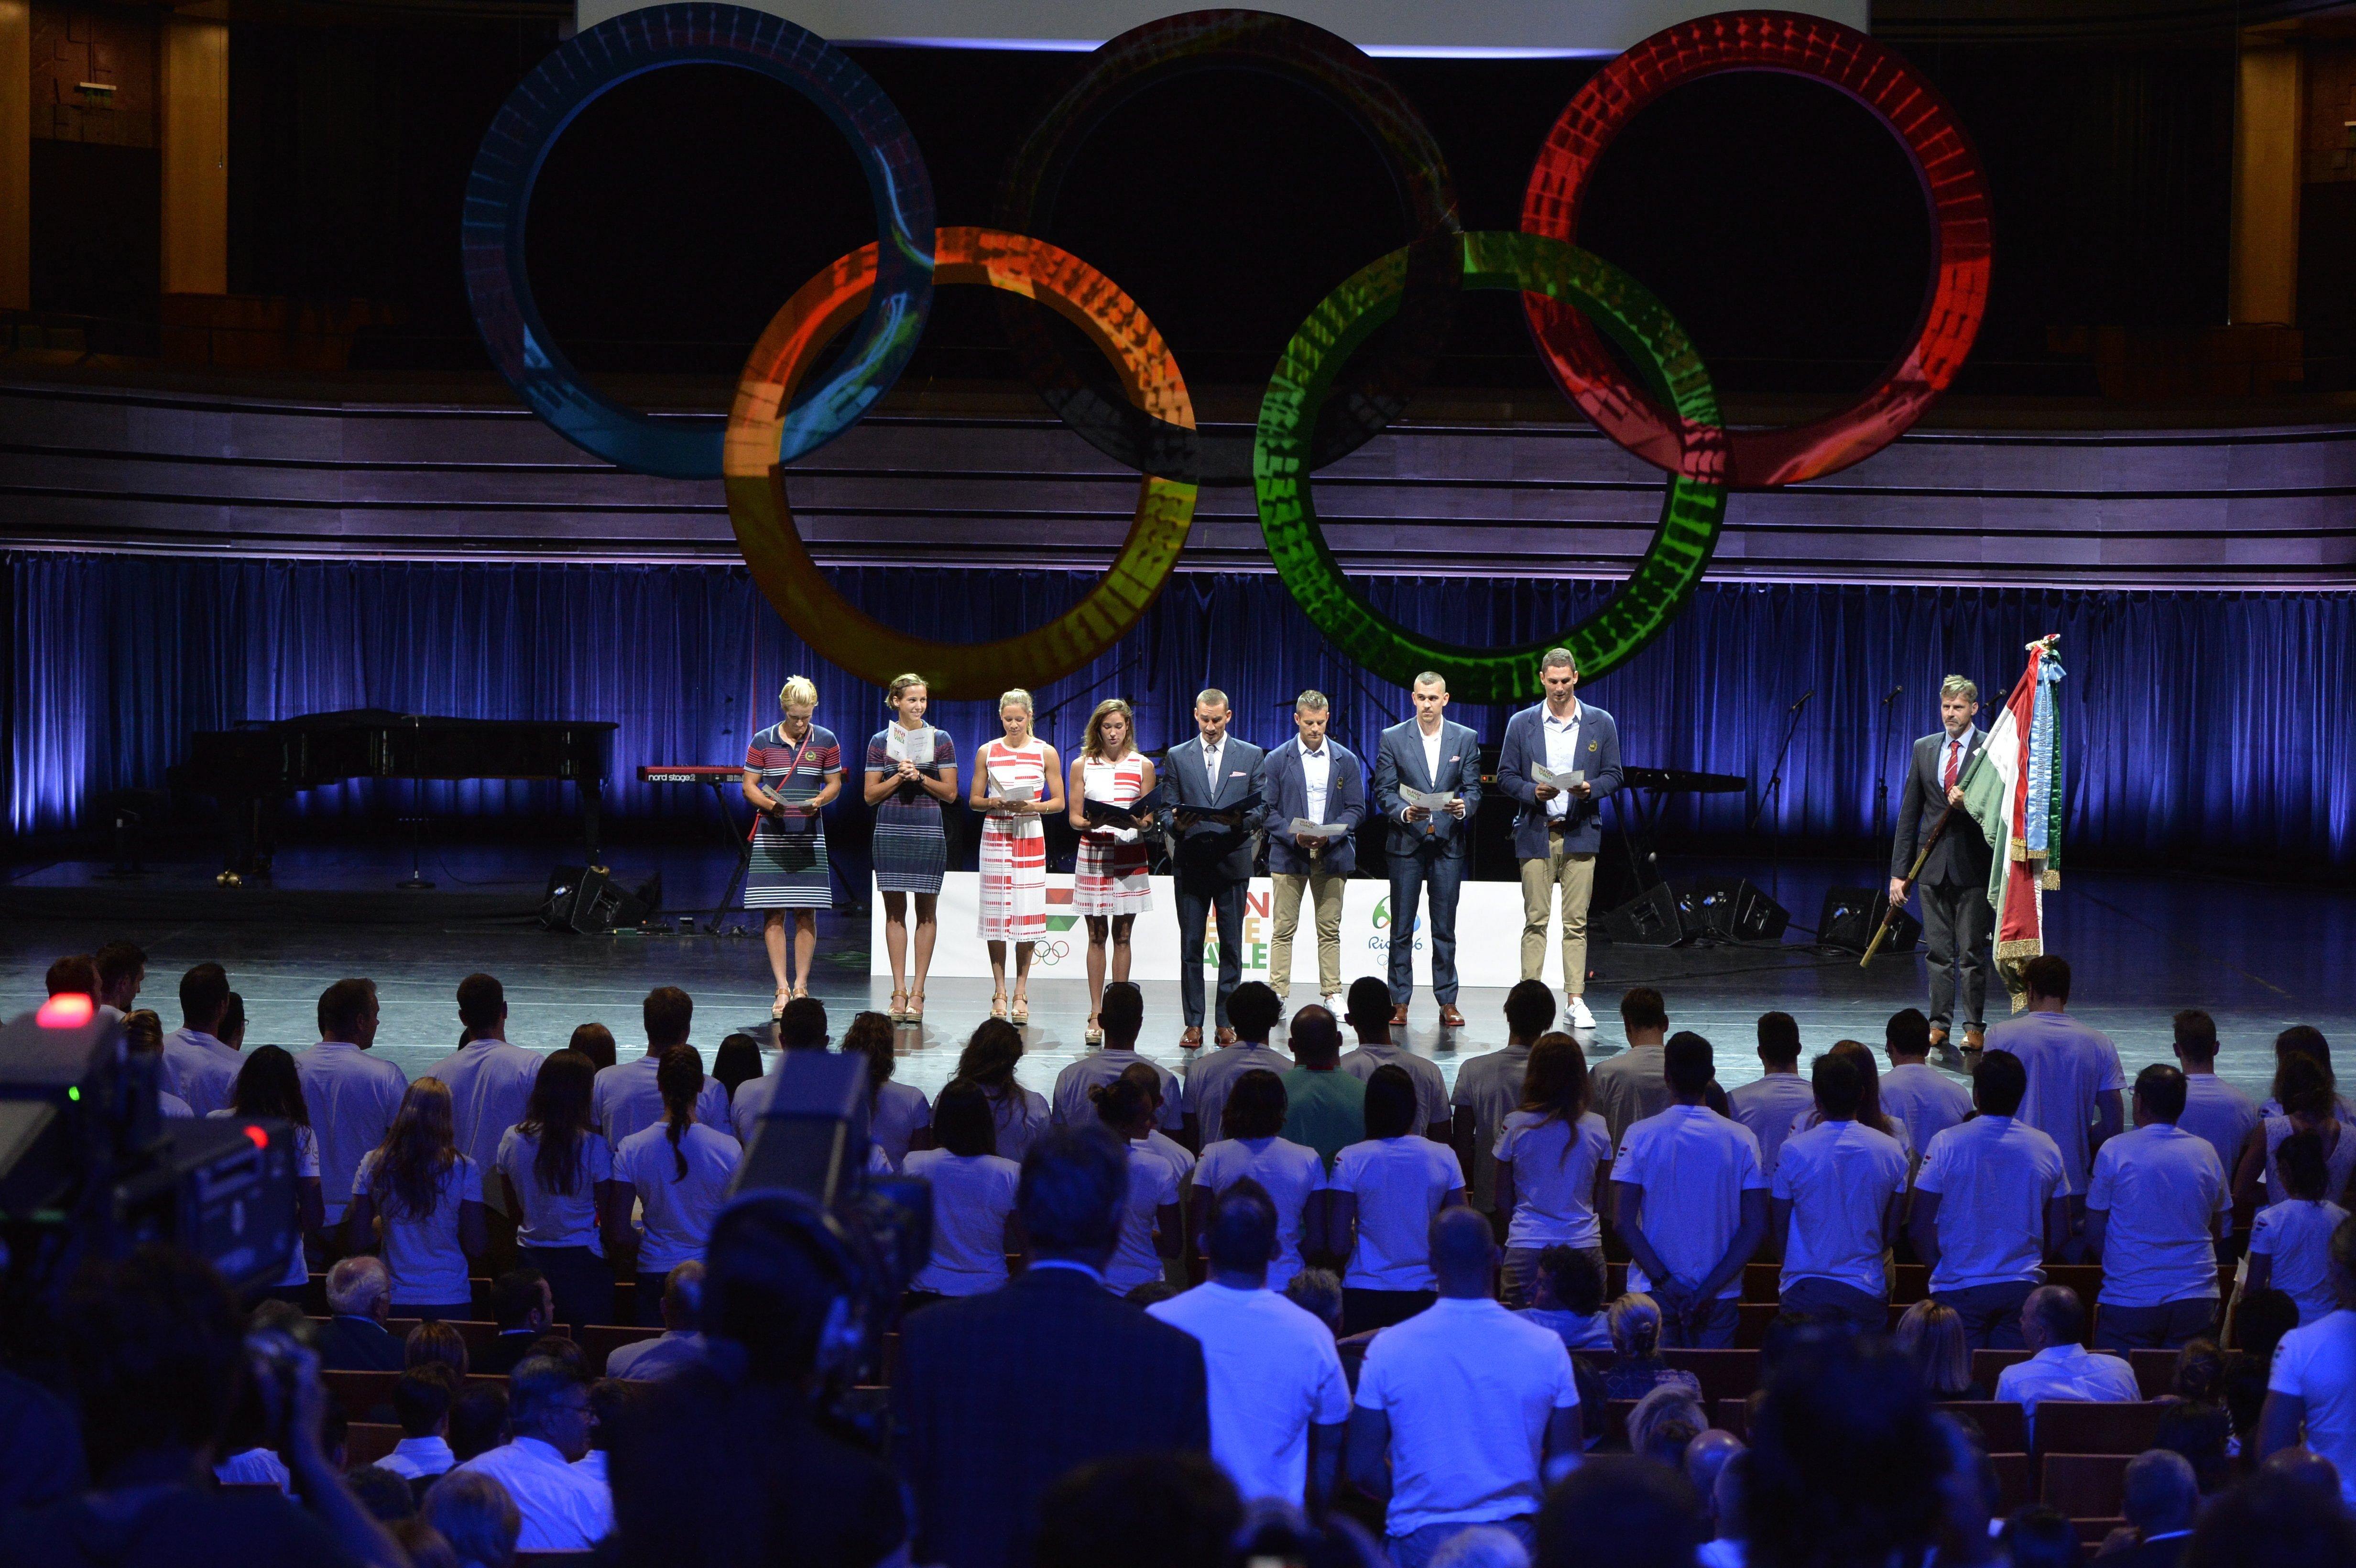 Hárommal nőtt az olimpiára utazó magyar sportolók száma, a MOB költségei mégis a duplájára nőttek.